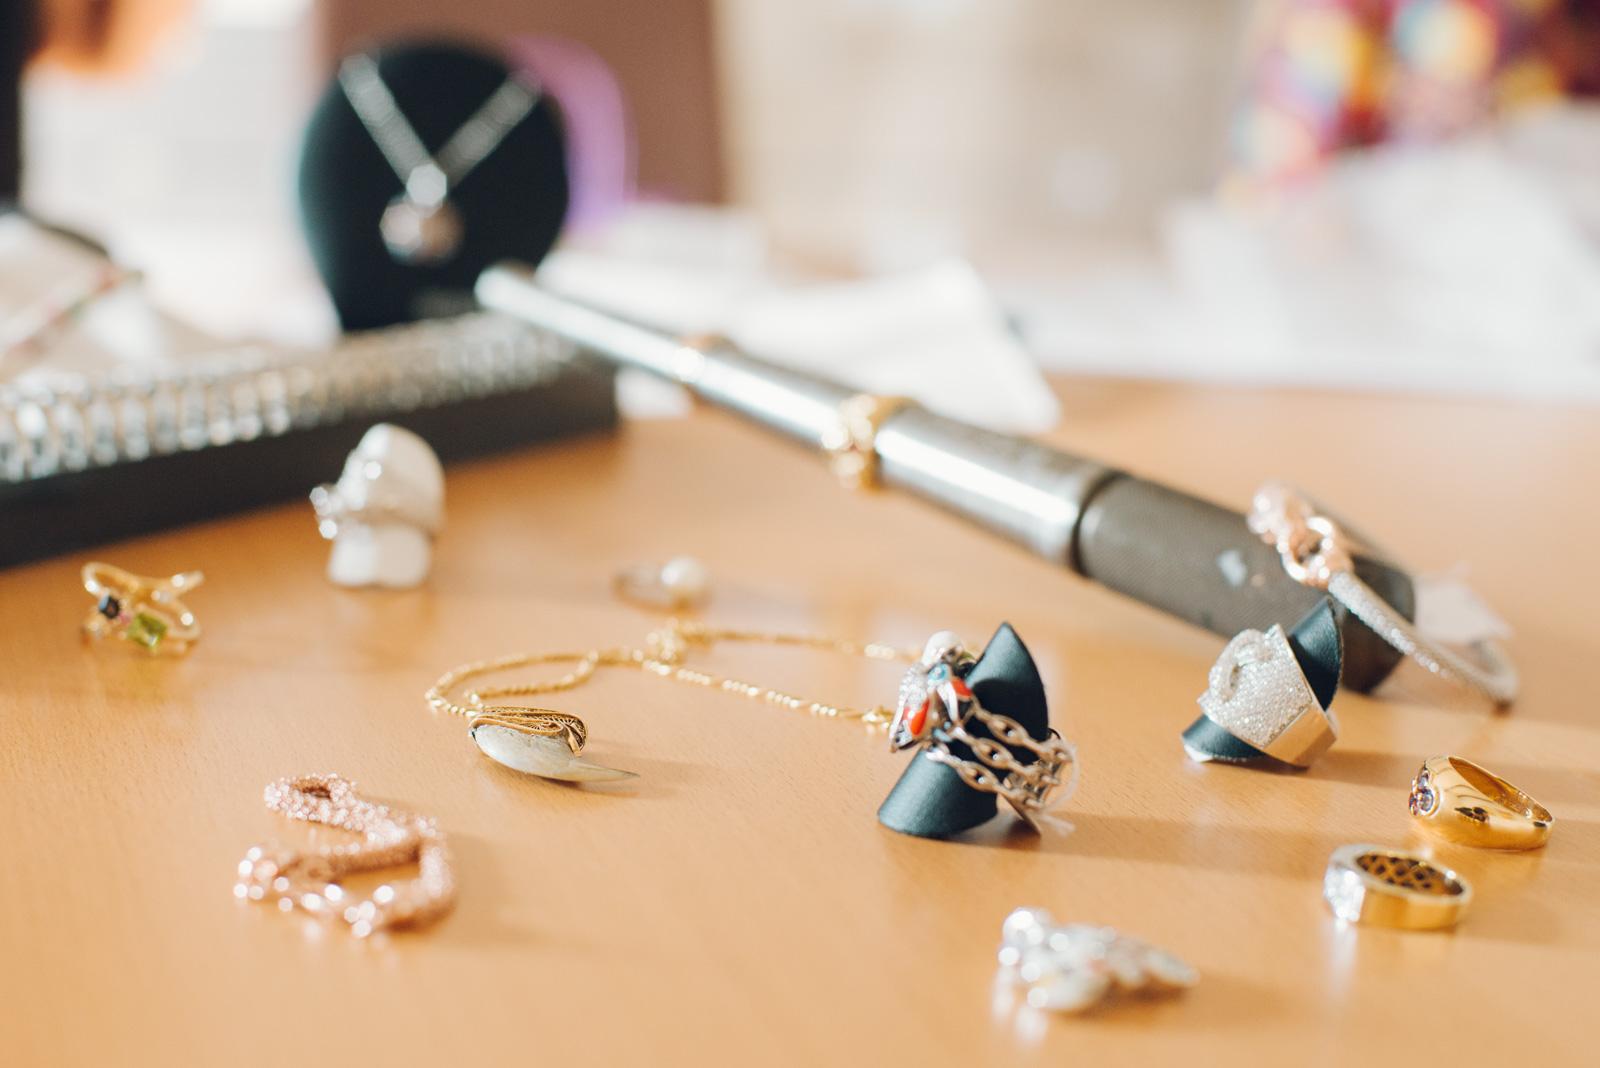 Atelier de bijouterie ales